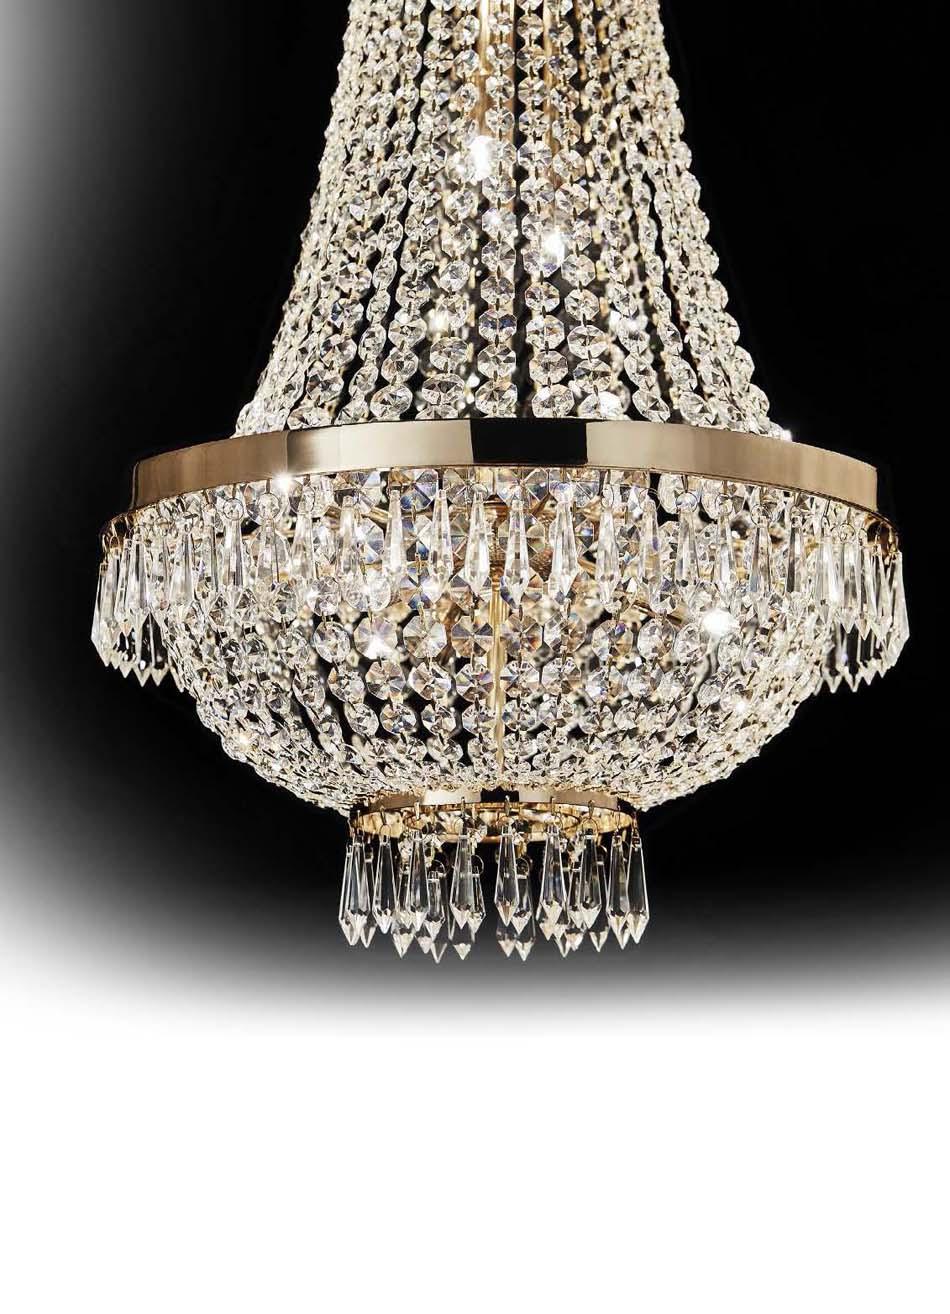 Lampade 06 sospensione Classico Ideal Lux Caesar – Bruni Arredamenti